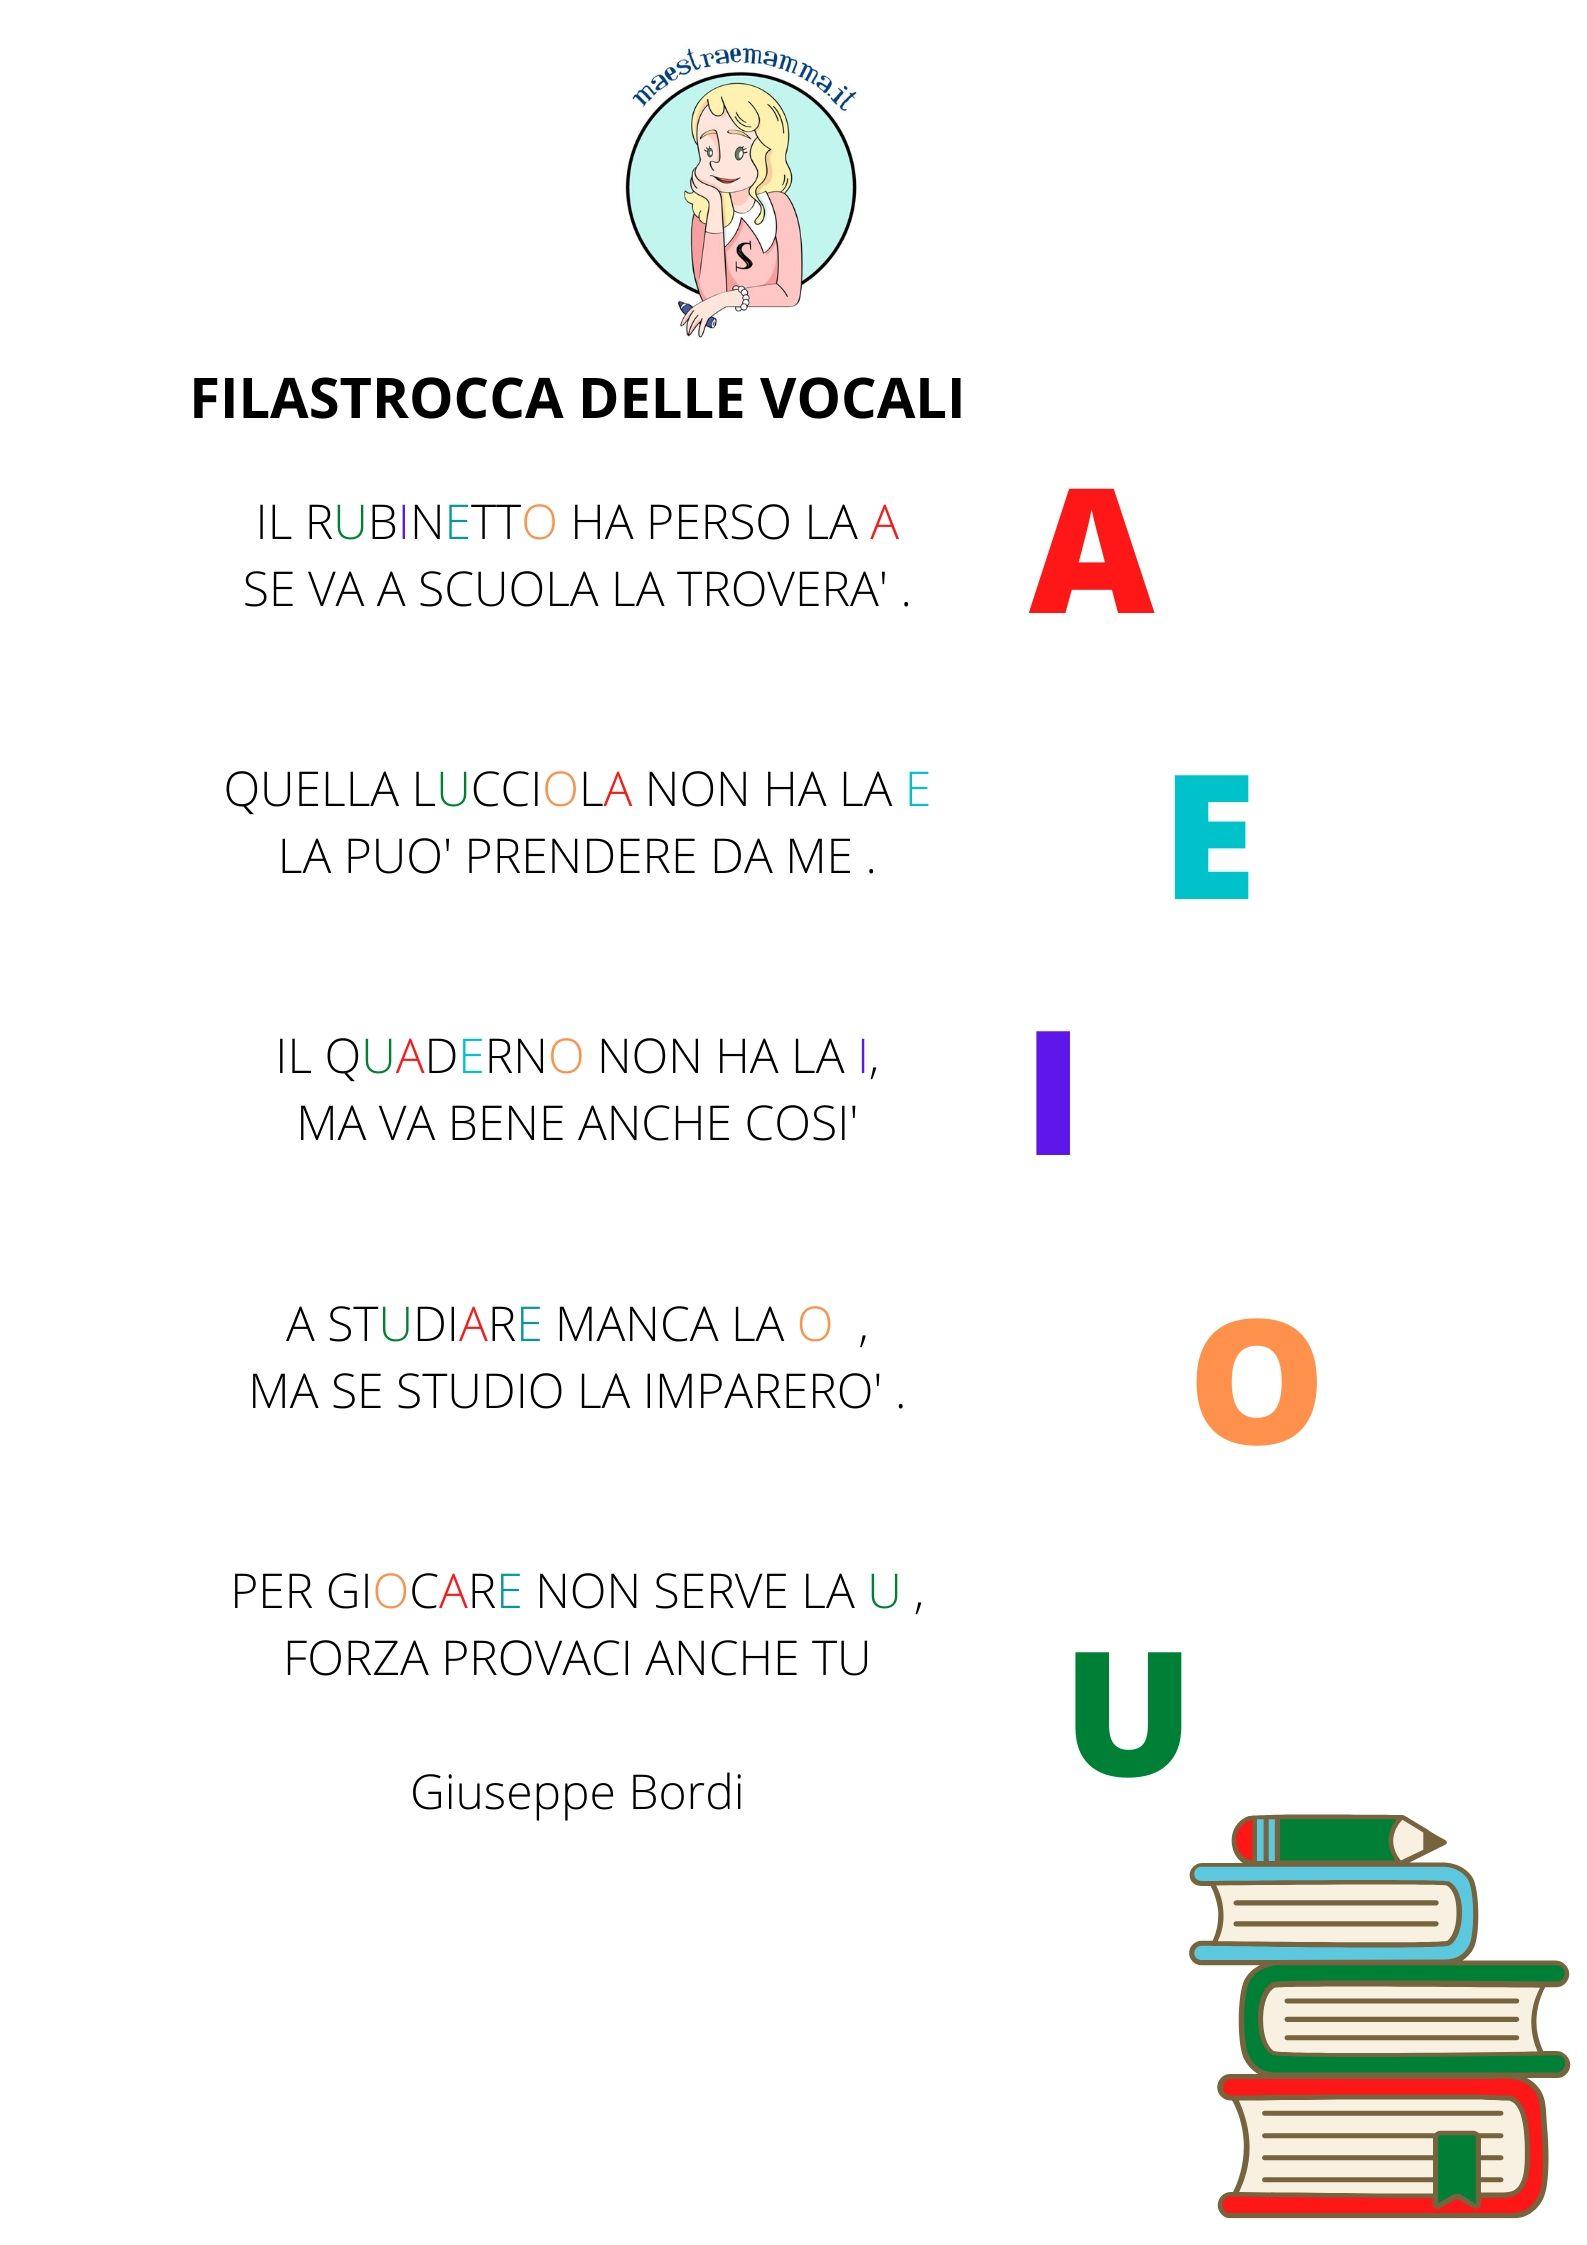 impara le vocali con una filastrocca delle vocali di giuseppe bordi